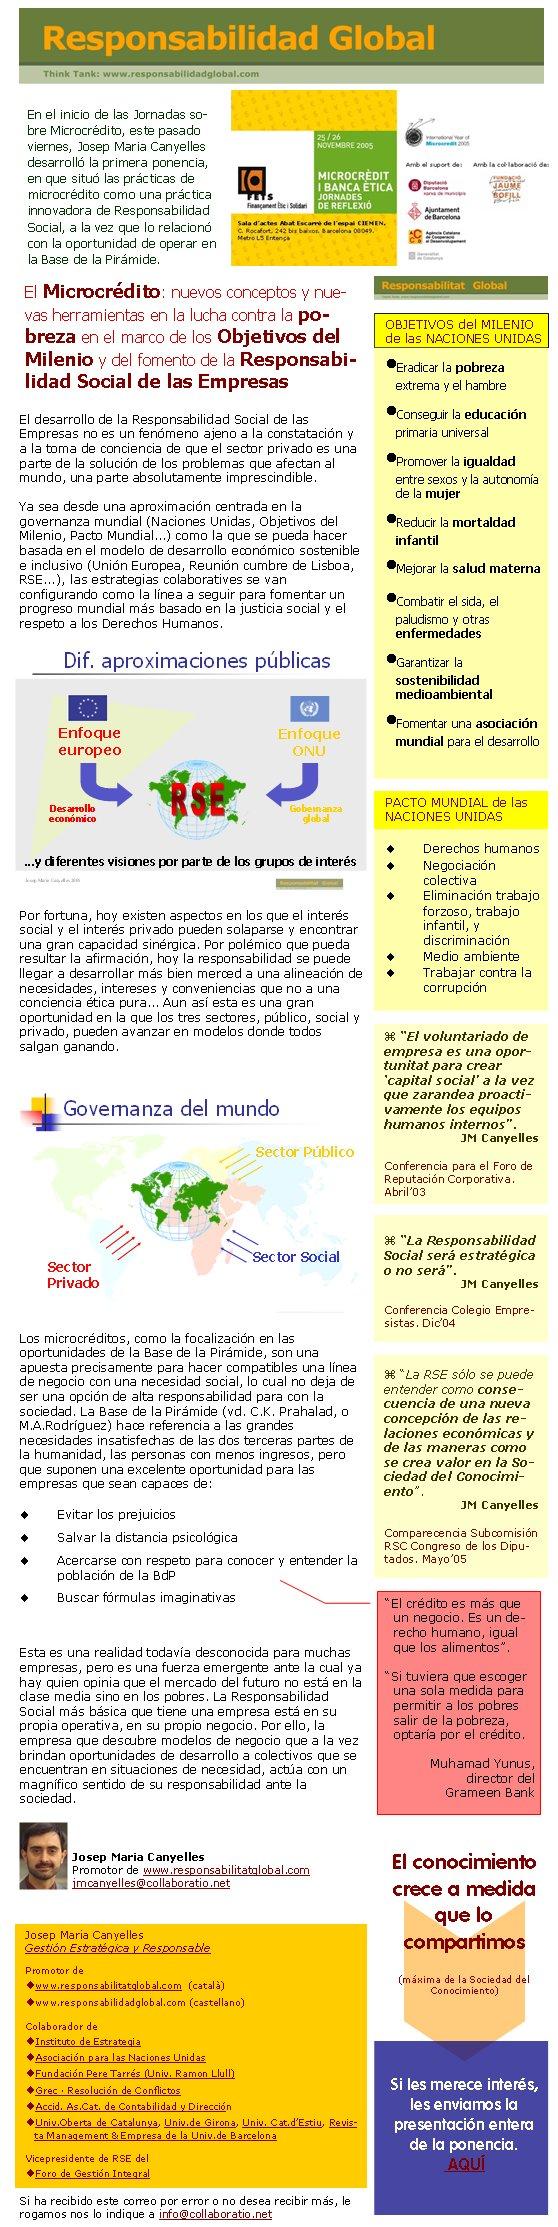 El desarrollo de la Responsabilidad Social de las Empresas no es un fenómeno ajeno a la constatación y a la toma de conciencia de que el sector privado es una parte de la solución de los problemas que afectan al mundo, una parte absolutamente imprescindible. Ya sea desde una aproximación centrada en la governanza mundial (Naciones Unidas, Objetivos del Milenio, Pacto Mundial...) como la que se pueda hacer basada en el modelo de desarrollo económico sostenible e inclusivo (Unión Europea, Reunión cumbre de Lisboa, RSE...), las estrategias colaboratives se van configurando como la línea a seguir para fomentar un progreso mundial más basado en la justicia social y el respeto a los Derechos Humanos.Por fortuna, hoy existen aspectos en los que el interés social y el interés privado pueden solaparse y encontrar una gran capacidad sinérgica. Por polémico que pueda resultar la afirmación, hoy la responsabilidad se puede llegar a desarrollar más bien merced a una alineación de necesidades, intereses y conveniencias que no a una conciencia ética pura... Aun así esta es una gran oportunidad en la que los tres sectores, público, social y privado, pueden avanzar en modelos donde todos salgan ganando. Los microcréditos, como la focalización en las oportunidades de la Base de la Pirámide, son una apuesta precisamente para hacer compatibles una línea de negocio con una necesidad social, lo cual no deja de ser una opción de alta responsabilidad para con la sociedad. La Base de la Pirámide (vd. C.K. Prahalad, o M.A.Rodríguez) hace referencia a las grandes necesidades insatisfechas de las dos terceras partes de la humanidad, las personas con menos ingresos, pero que suponen una excelente oportunidad para las empresas que sean capaces de: Evitar los prejuicios Salvar la distancia psicológica Acercarse con respeto para conocer y entender la población de la BdP Buscar fórmulas imaginativas Esta es una realidad todavía desconocida para muchas empresas, pero es una fuerza emergente ante la 